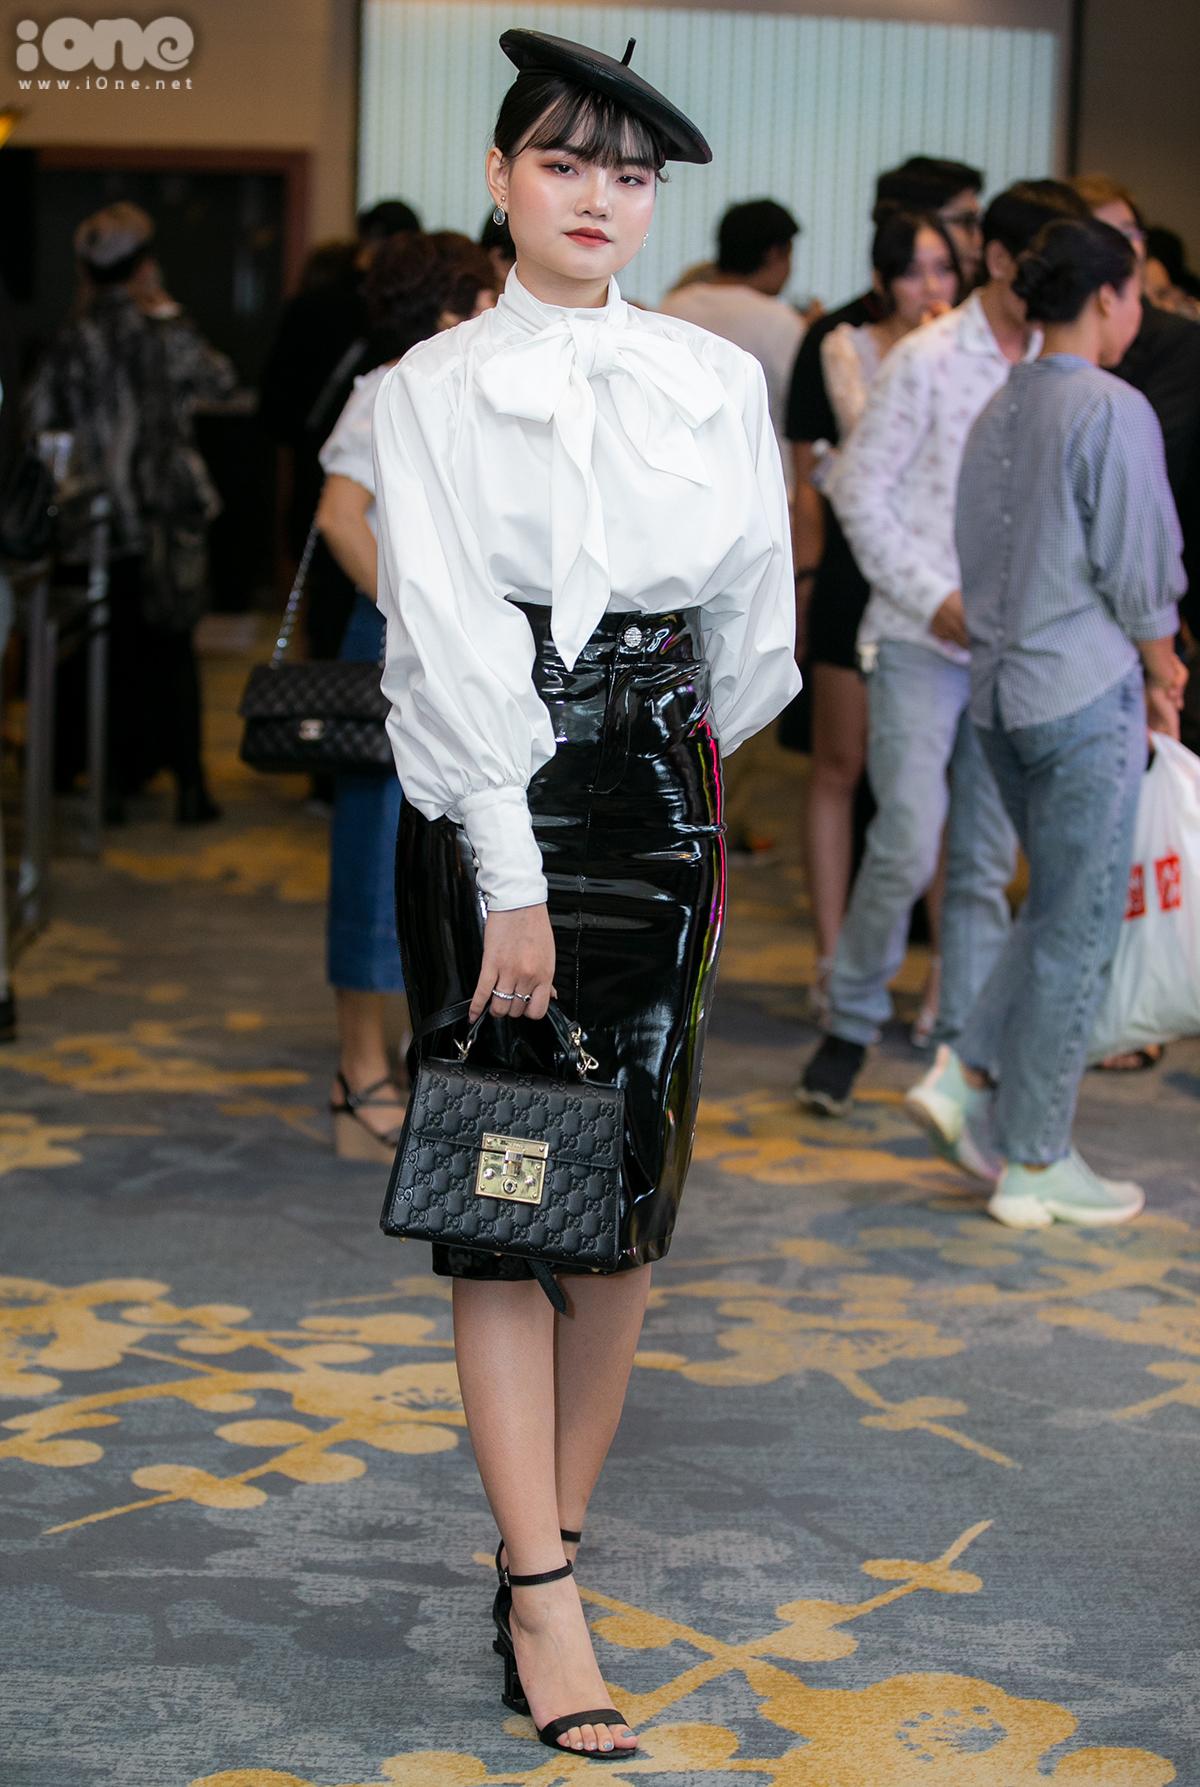 Nguyễn Bùi Mai Anh khác biệt với phong cách kiểu tiểu thư quý tộc. Set đồ sơ mi trắng, chân váy da bóng và mũ beret được cô bạn hoàn thiện bằng chiếc túi Gucci sang trọng.